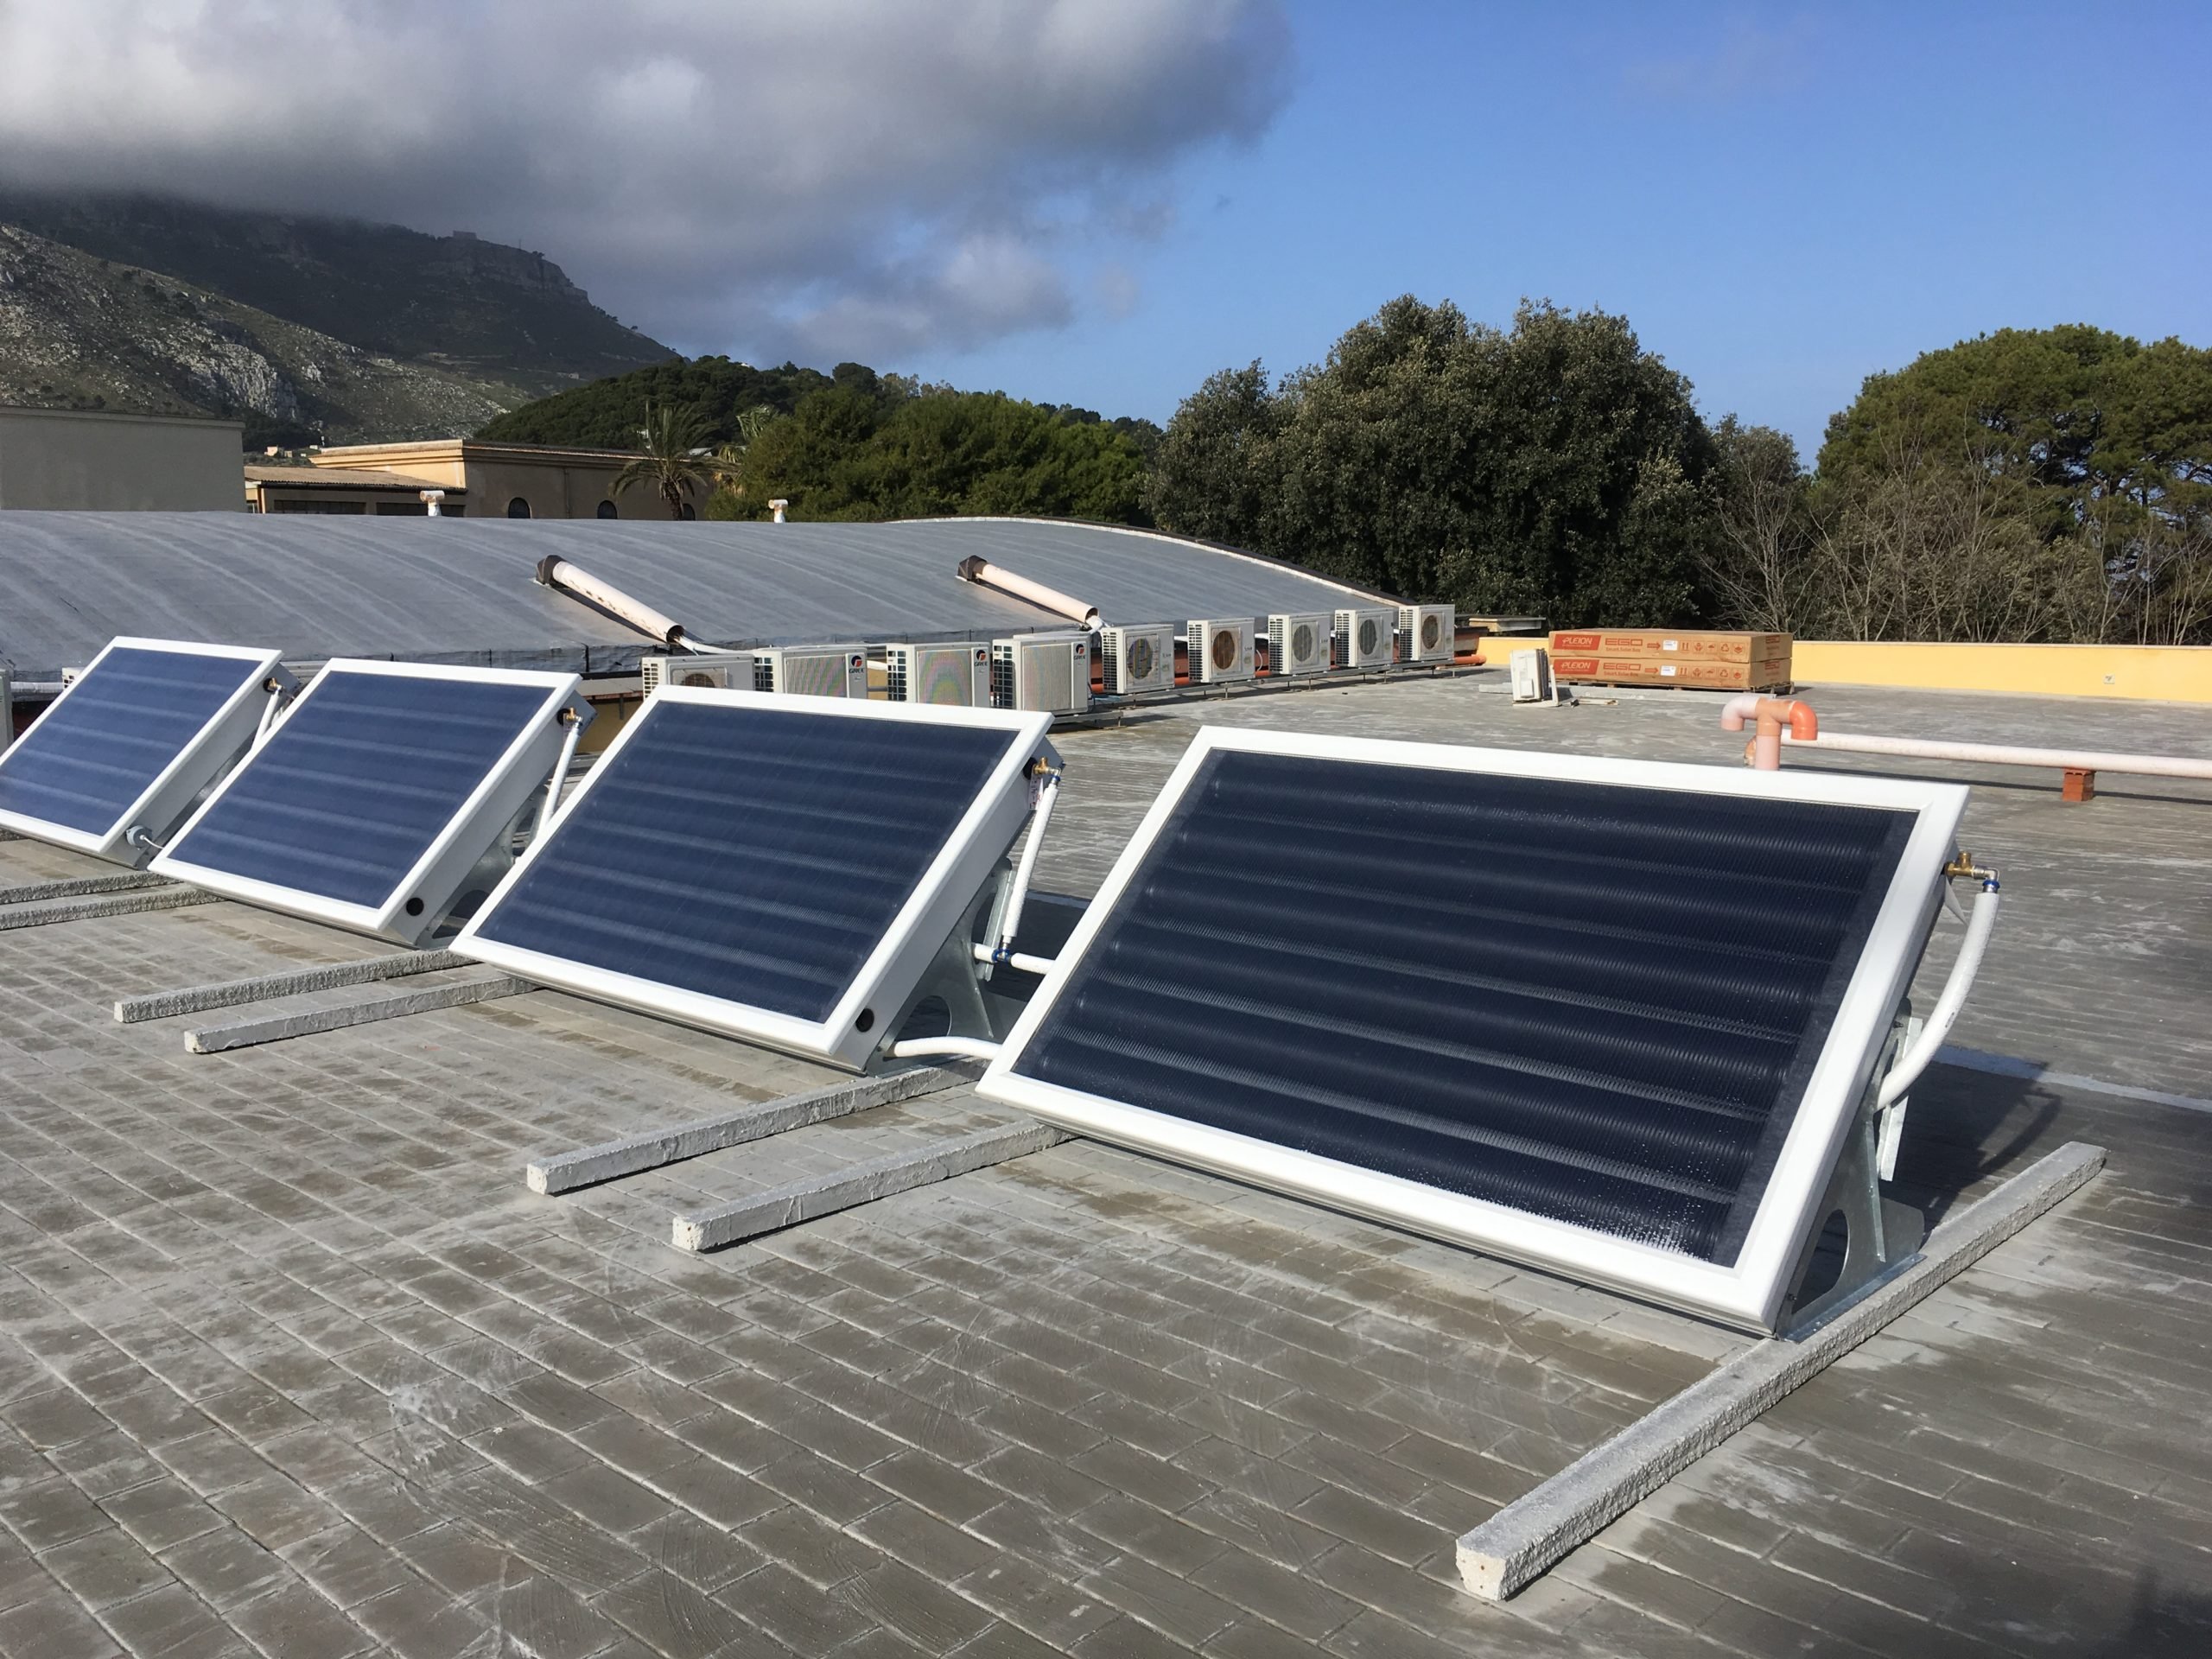 Energia Solare In Sicilia pannelli solari a servizio della mensa - energy management